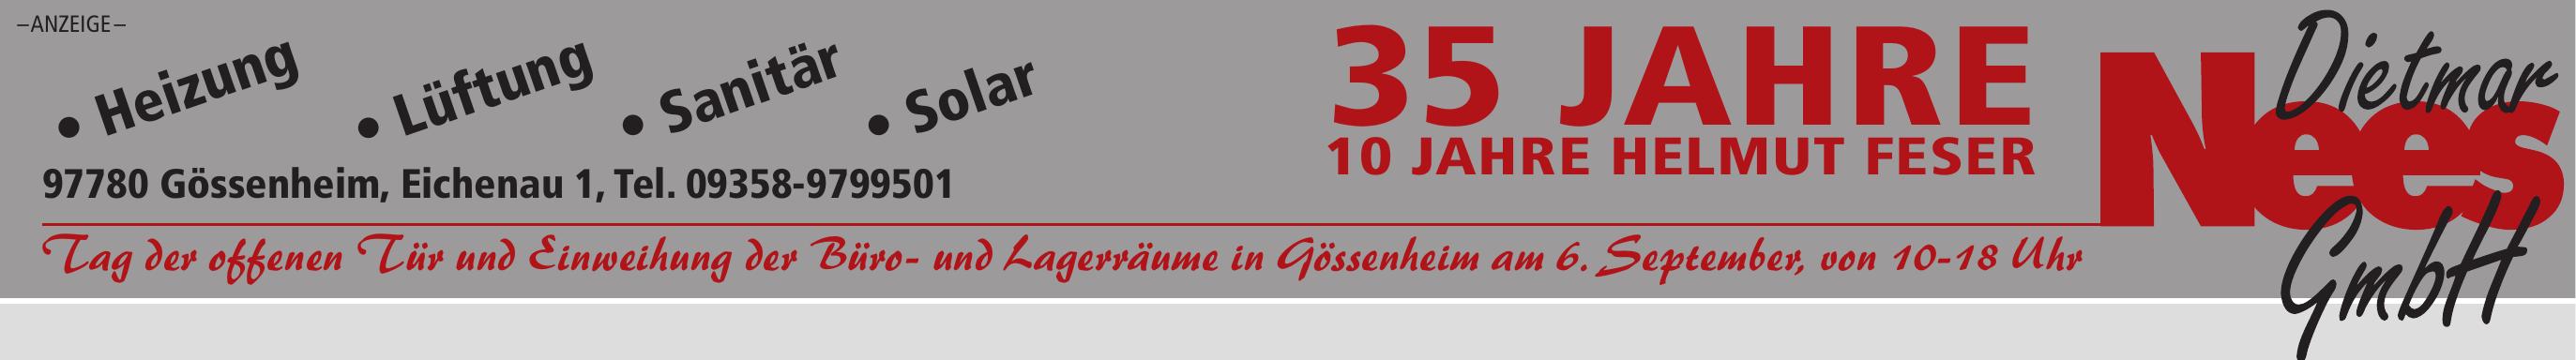 35 Jahre Dietmar Nees GmbH und 10 Jahre Helmut Feser Image 1